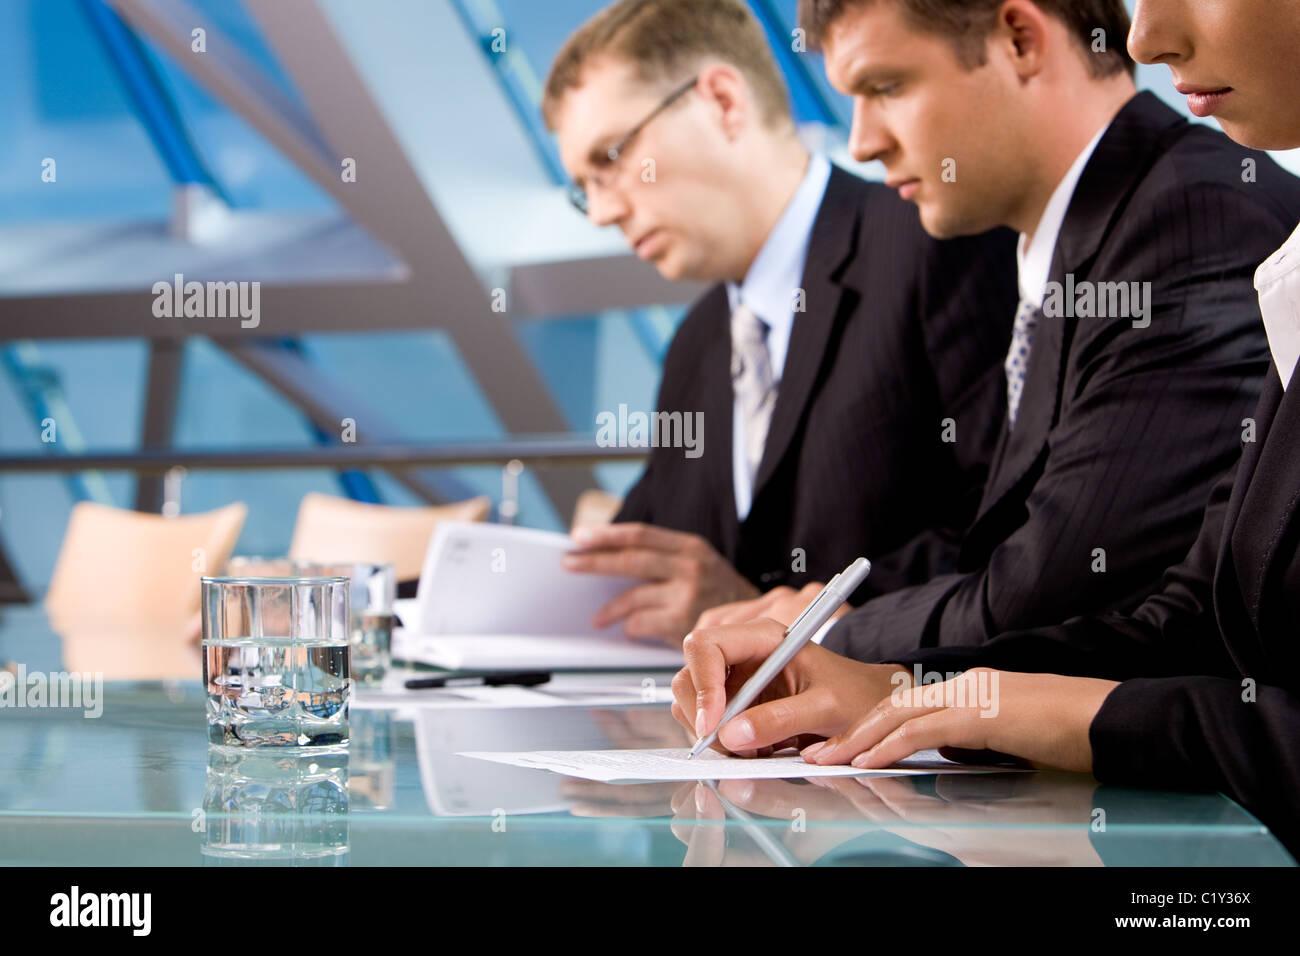 Reihe von ernsthaften Geschäftsleuten Notizen während der Konferenz Stockfoto